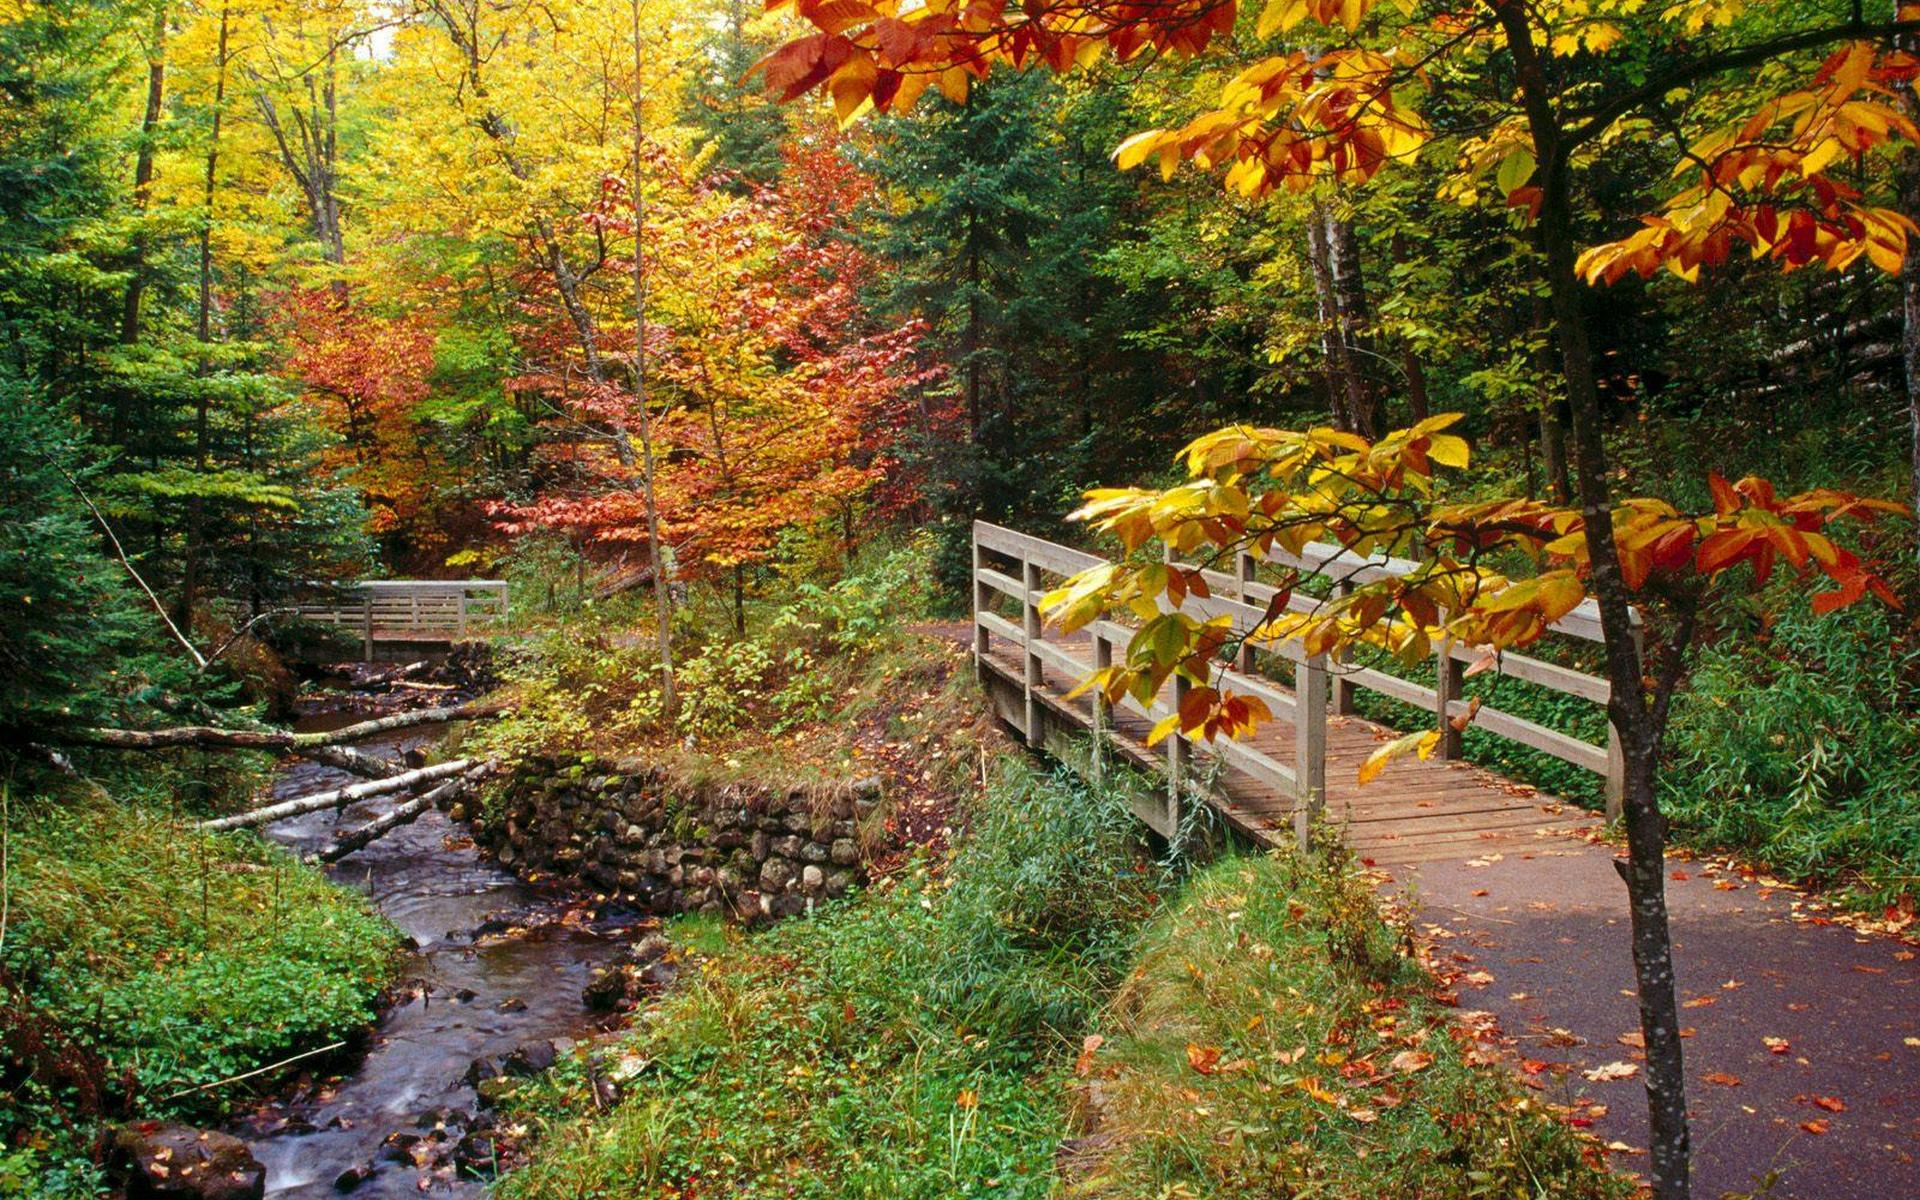 Autumn Wallpaper Widescreen Src